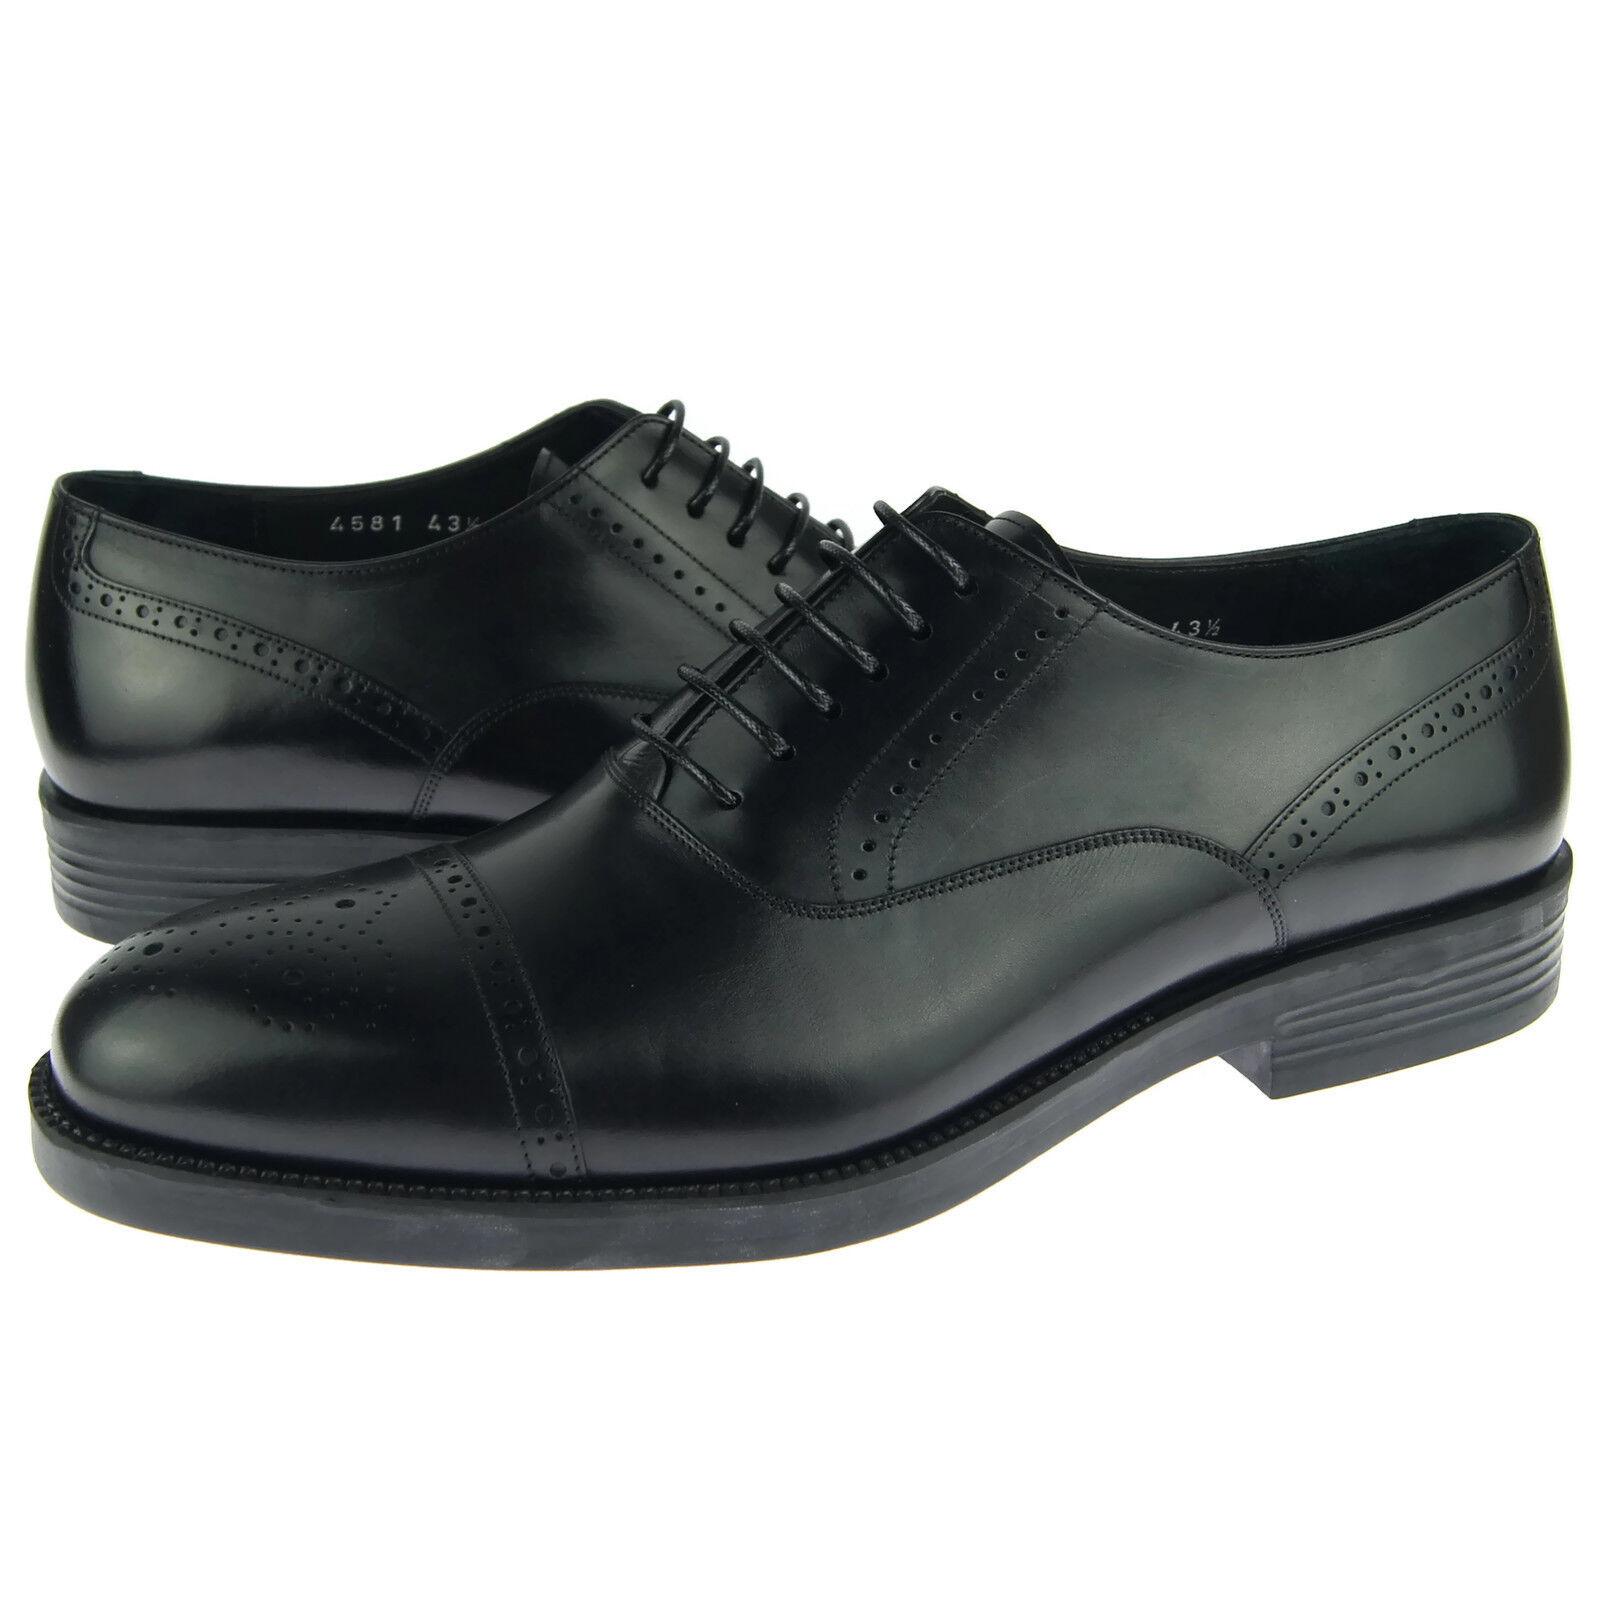 Corrente 4581 Cap Toe Oxford, para Hombre Vestido Informal Cuero Zapatos, Negro